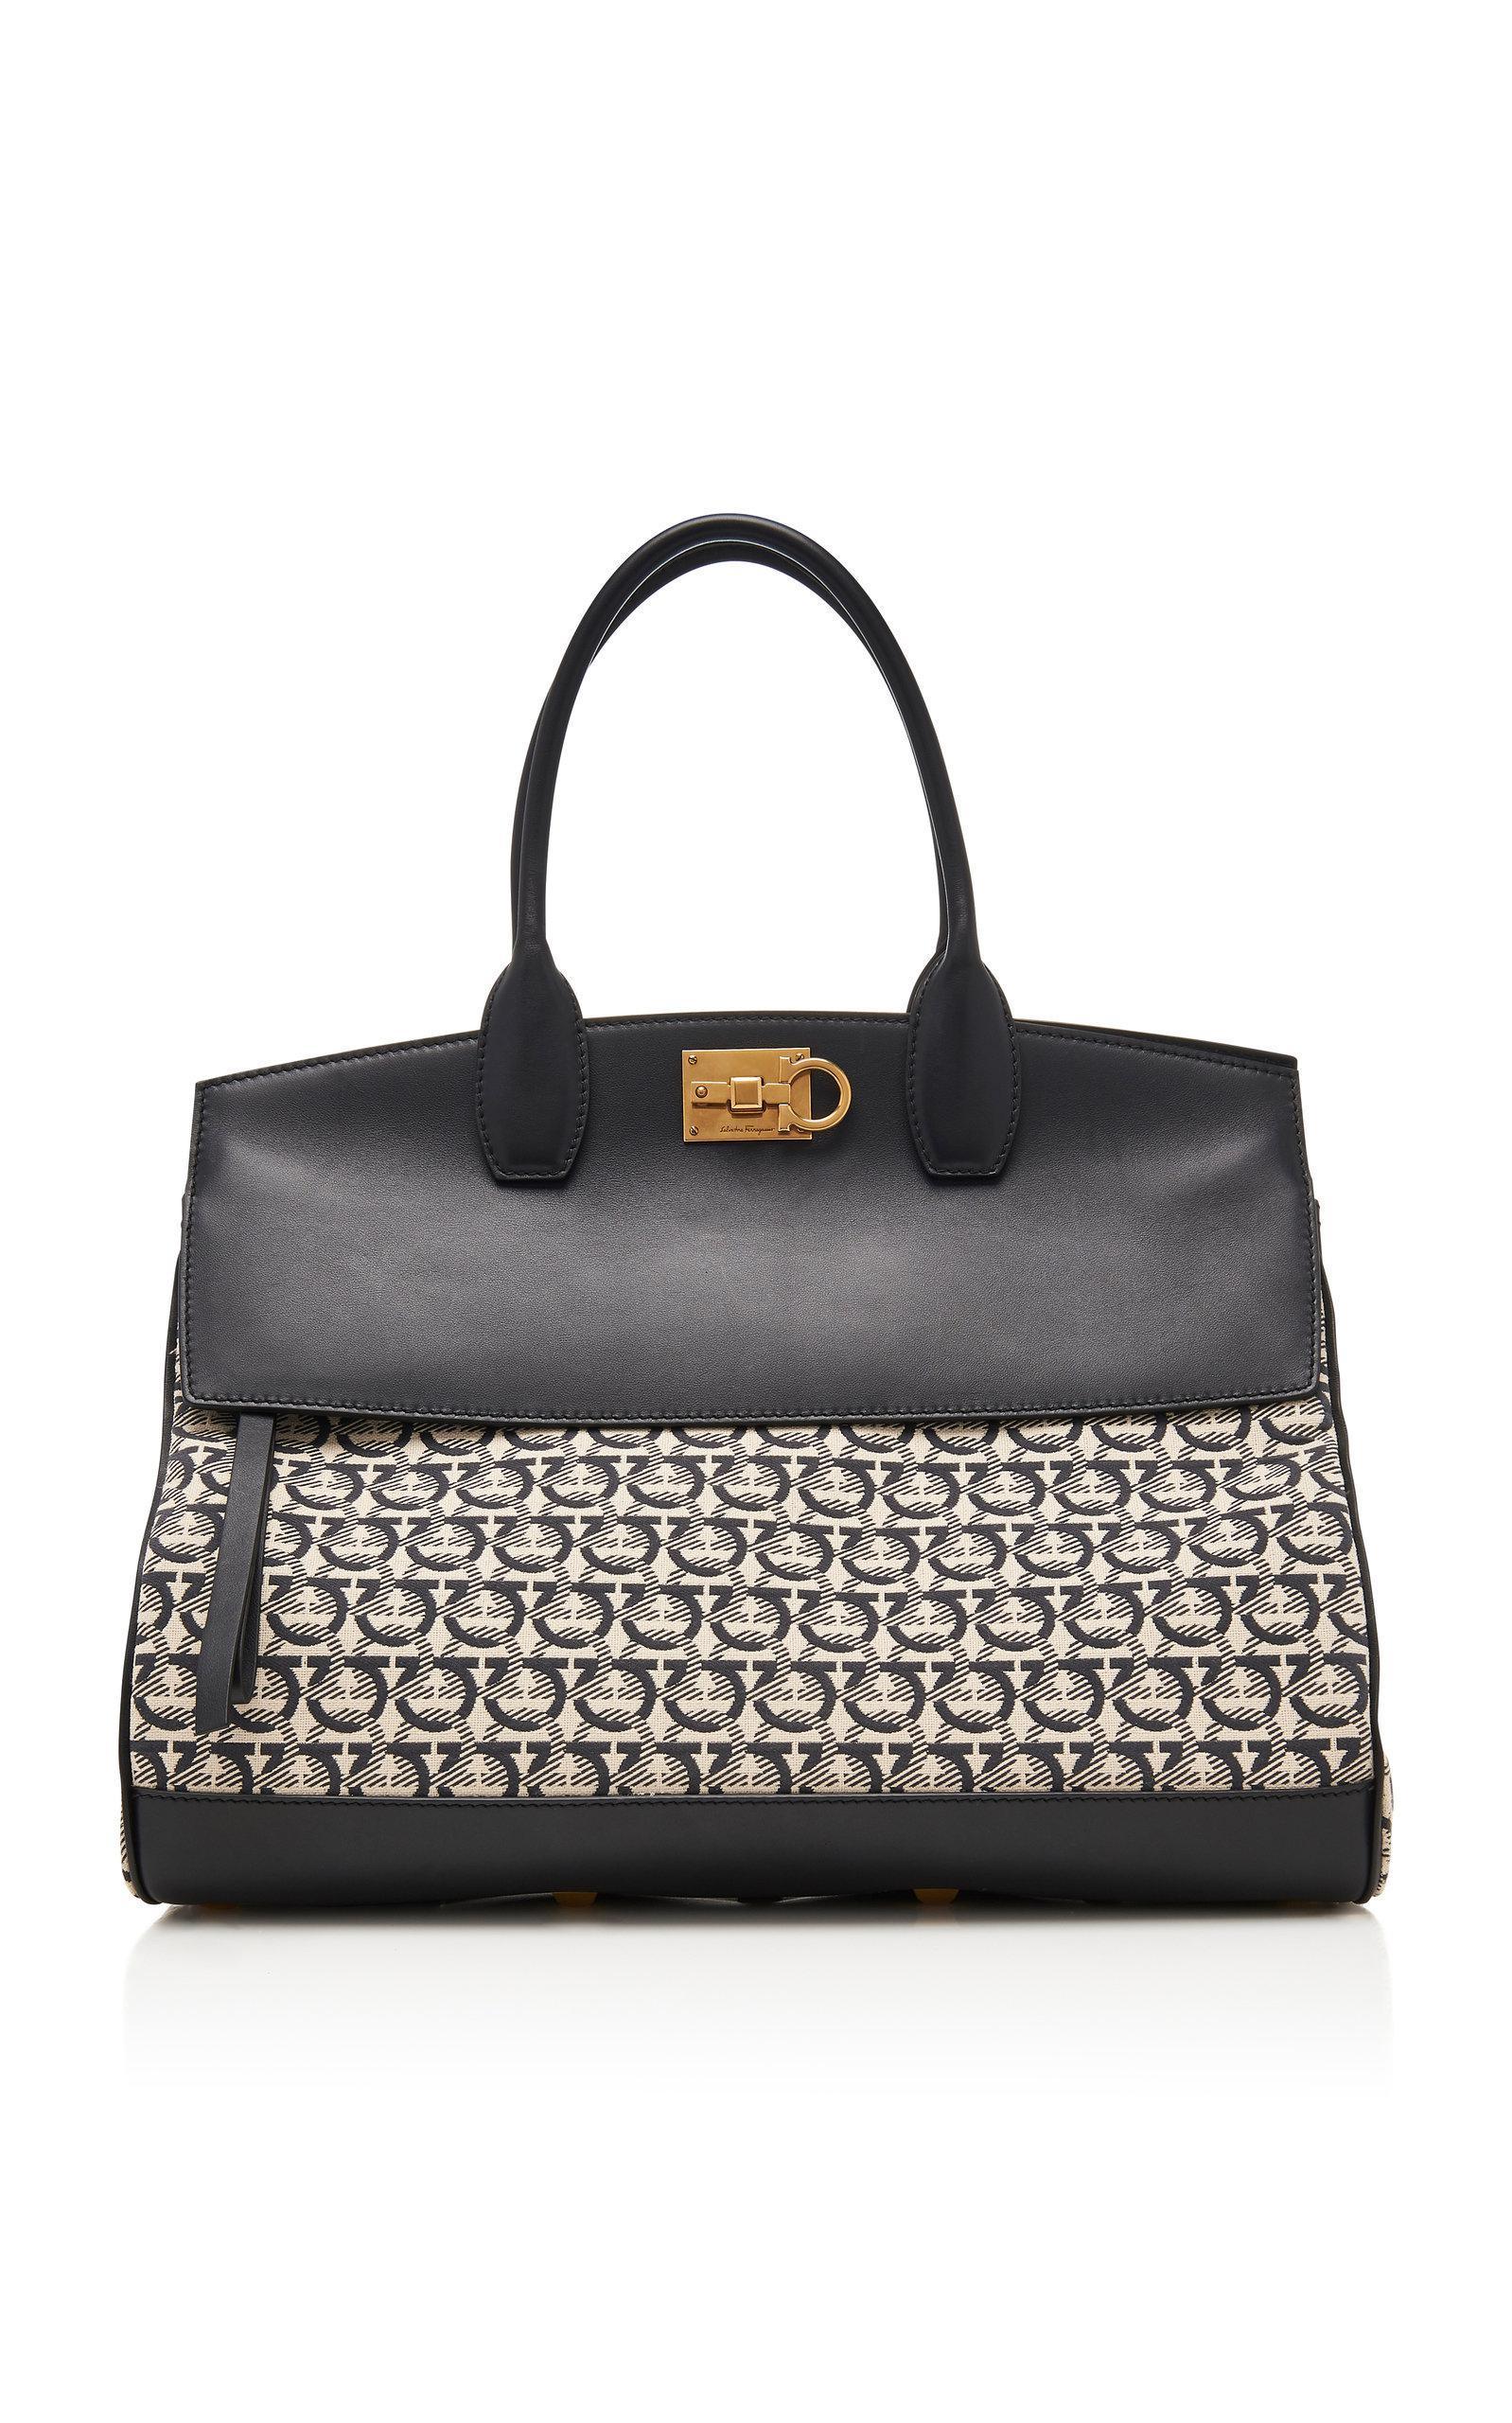 1f693b9a15eb Lyst - Ferragamo Studio Medium Leather Bag in Black